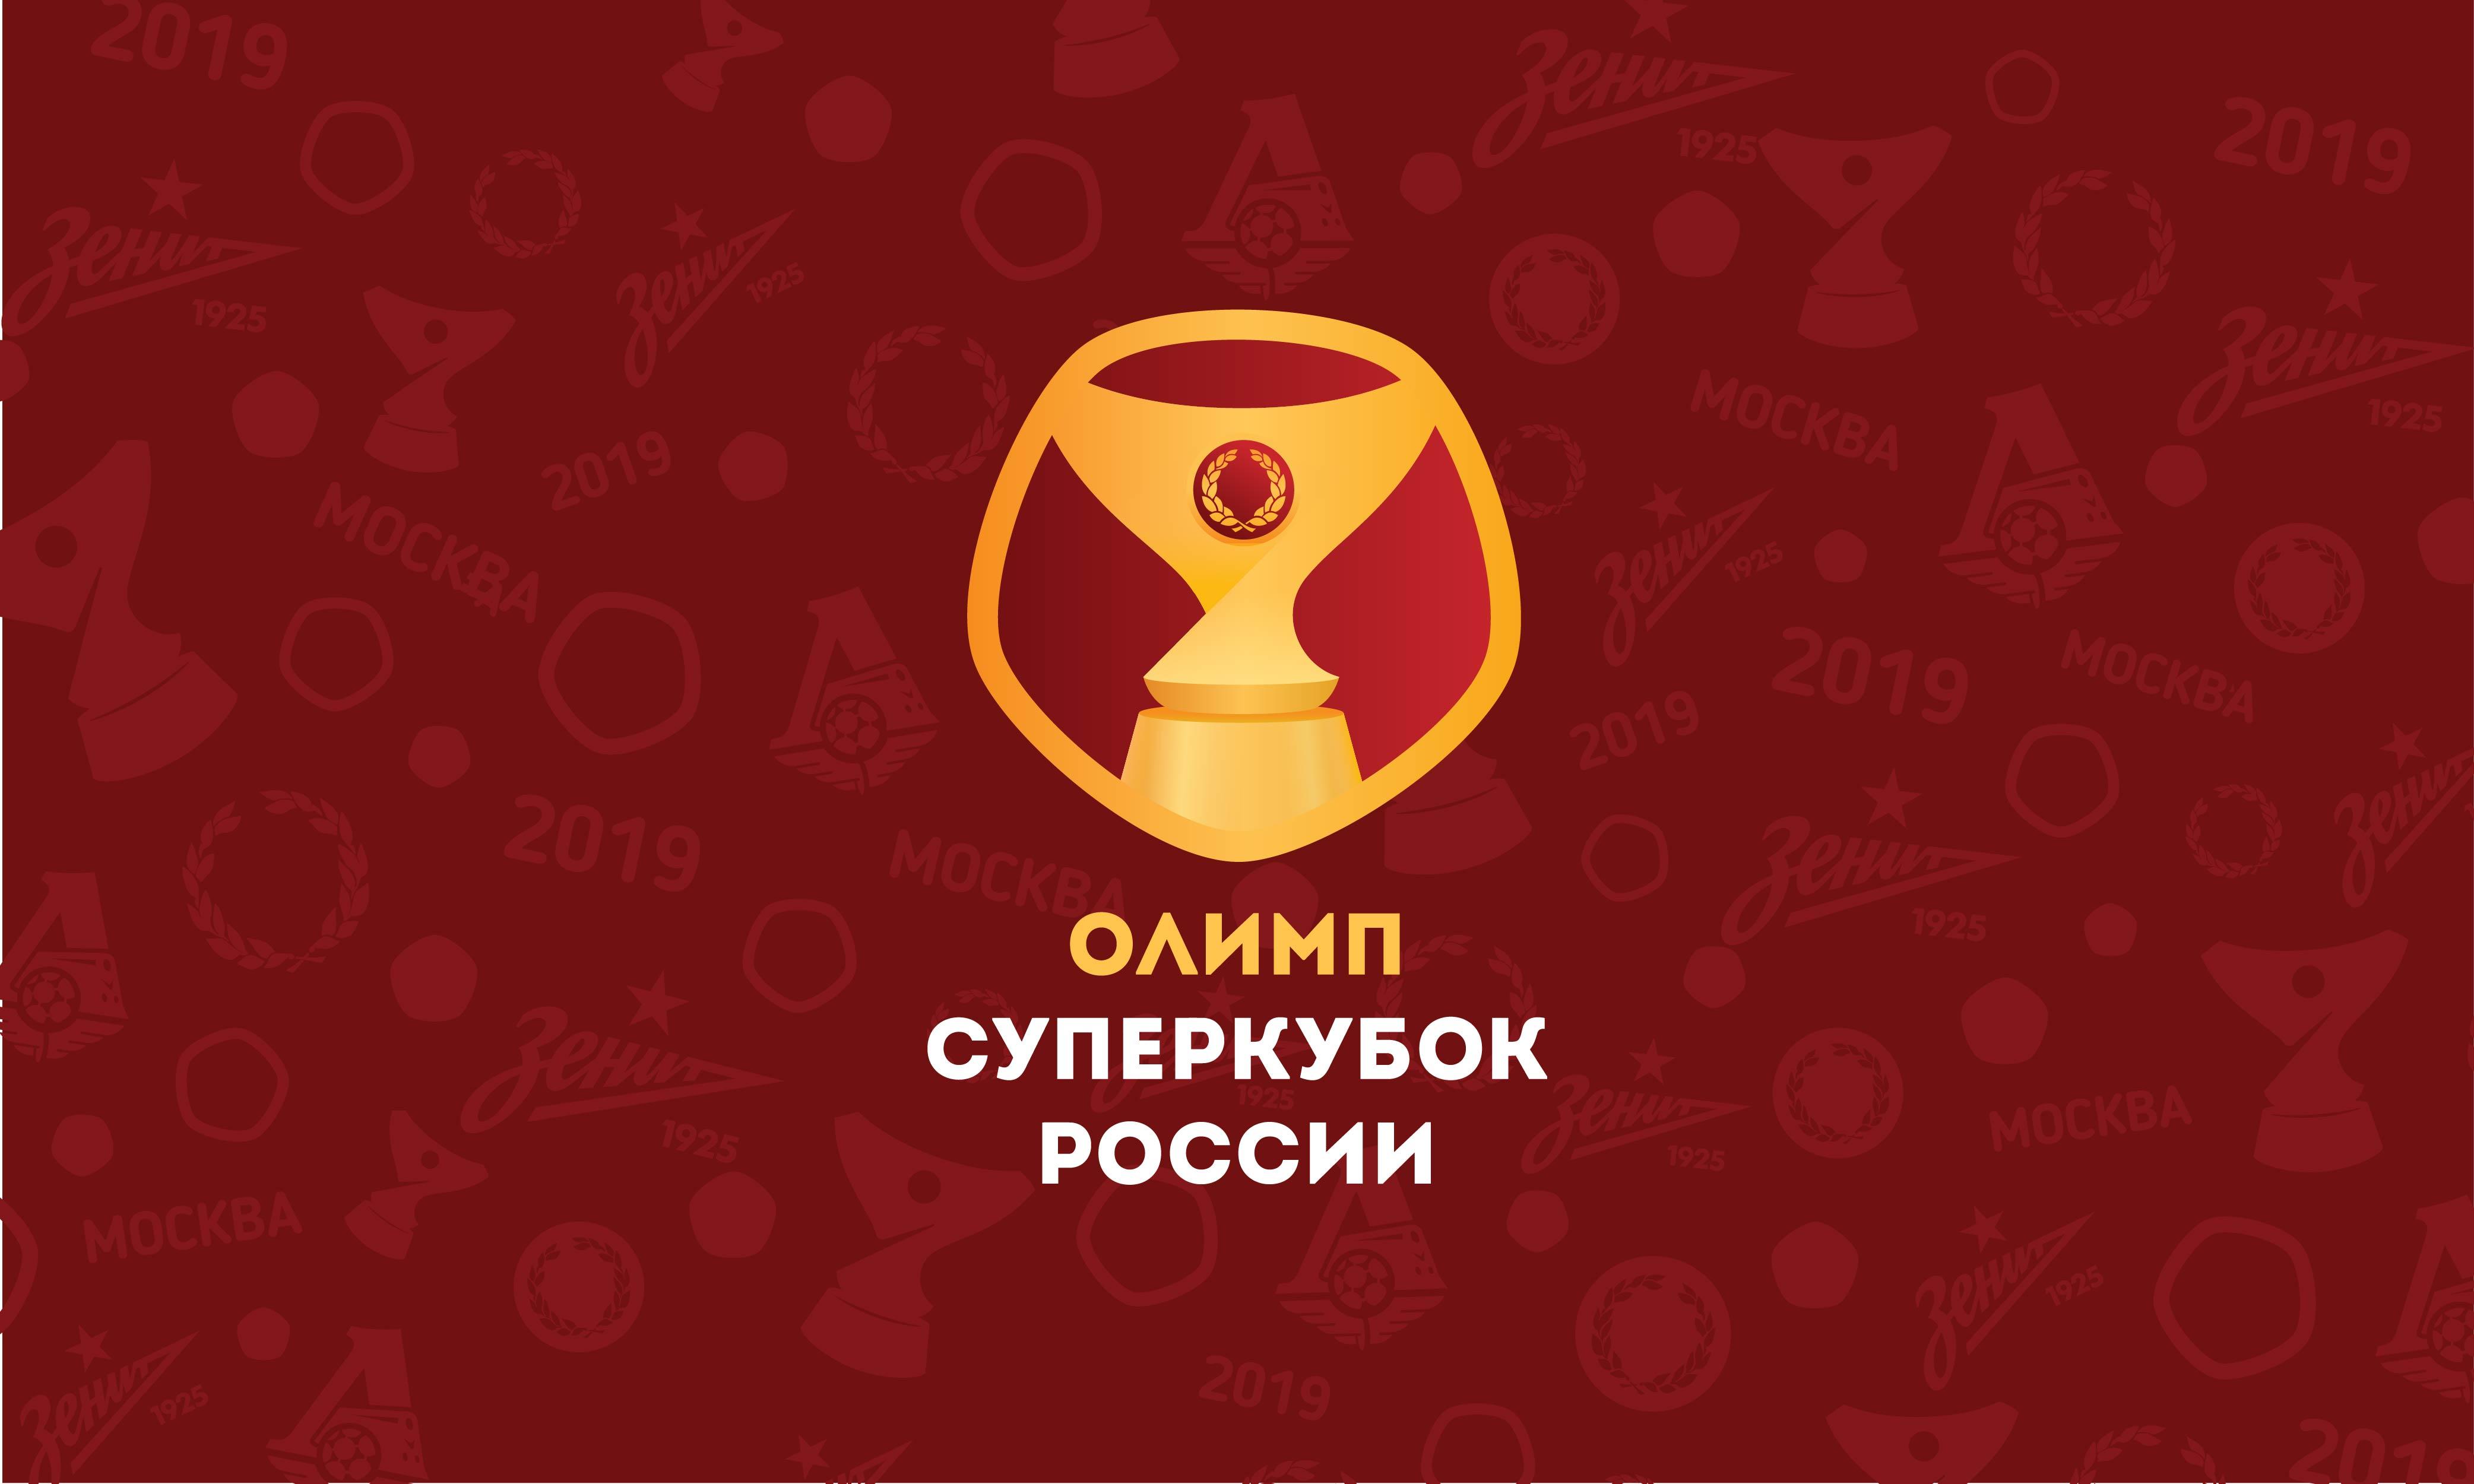 Приглашаем на матч Олимп-Суперкубок России